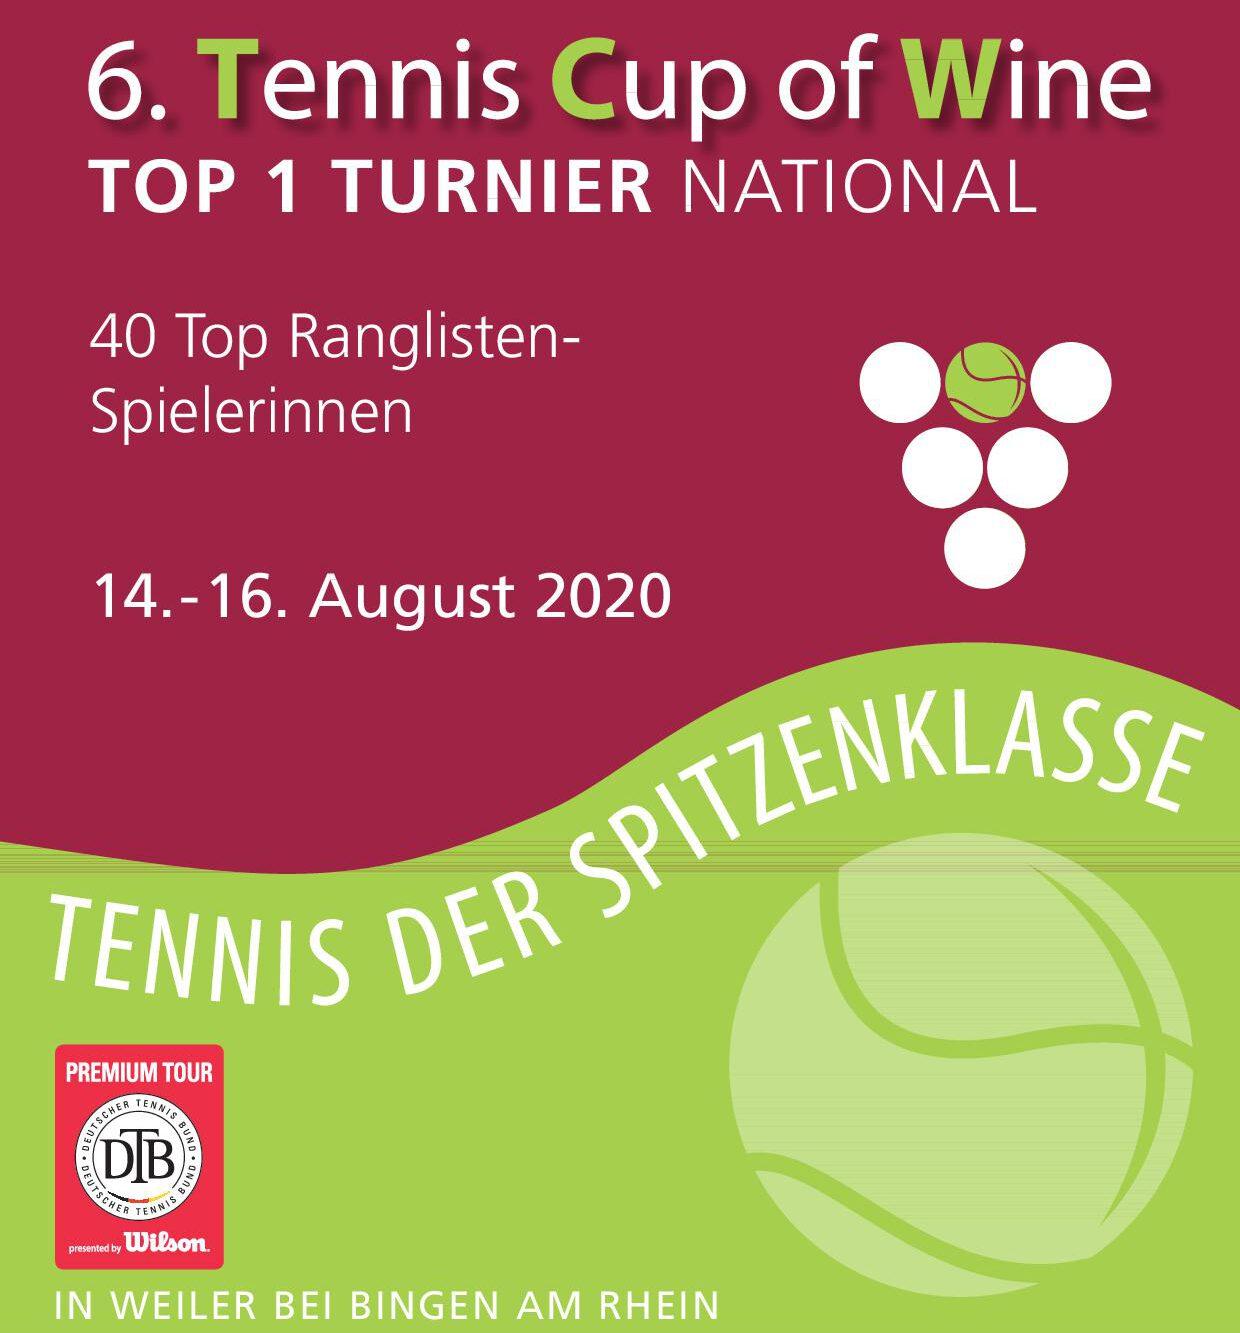 Tennis Cup of Wine startet am Freitag, 14.08.2020